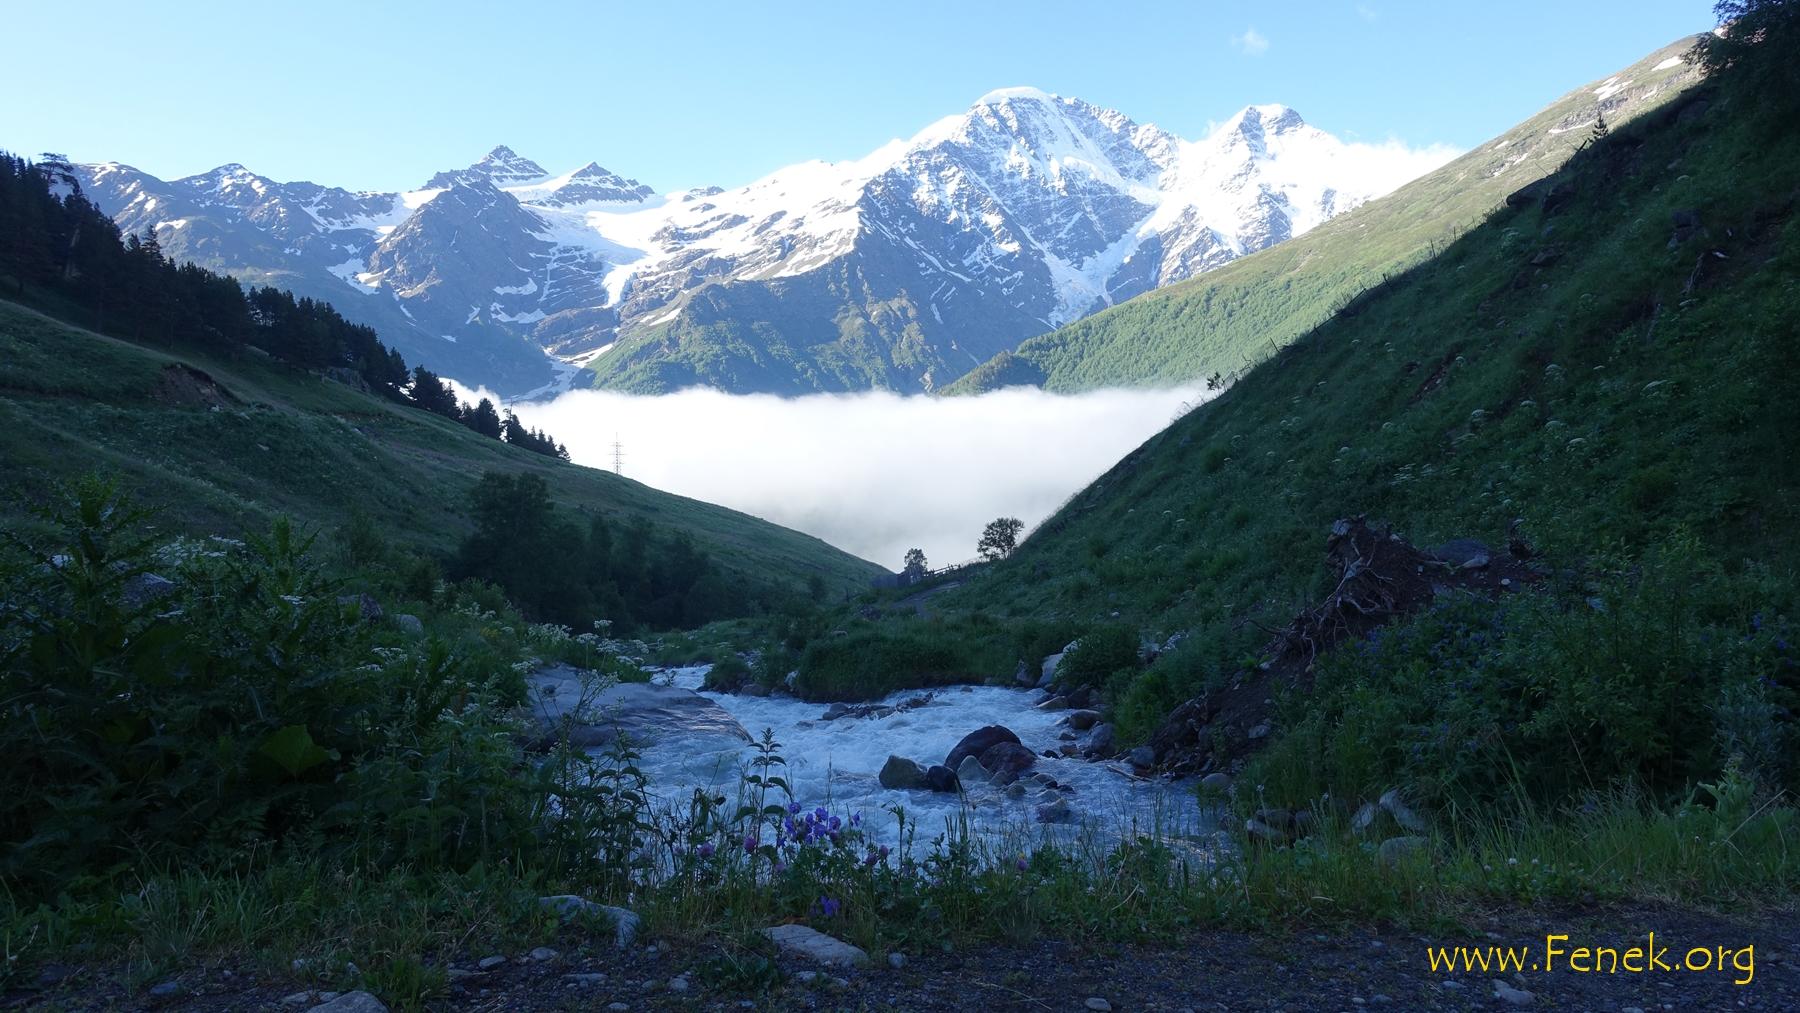 am Morgen - dem Nebel entflohen